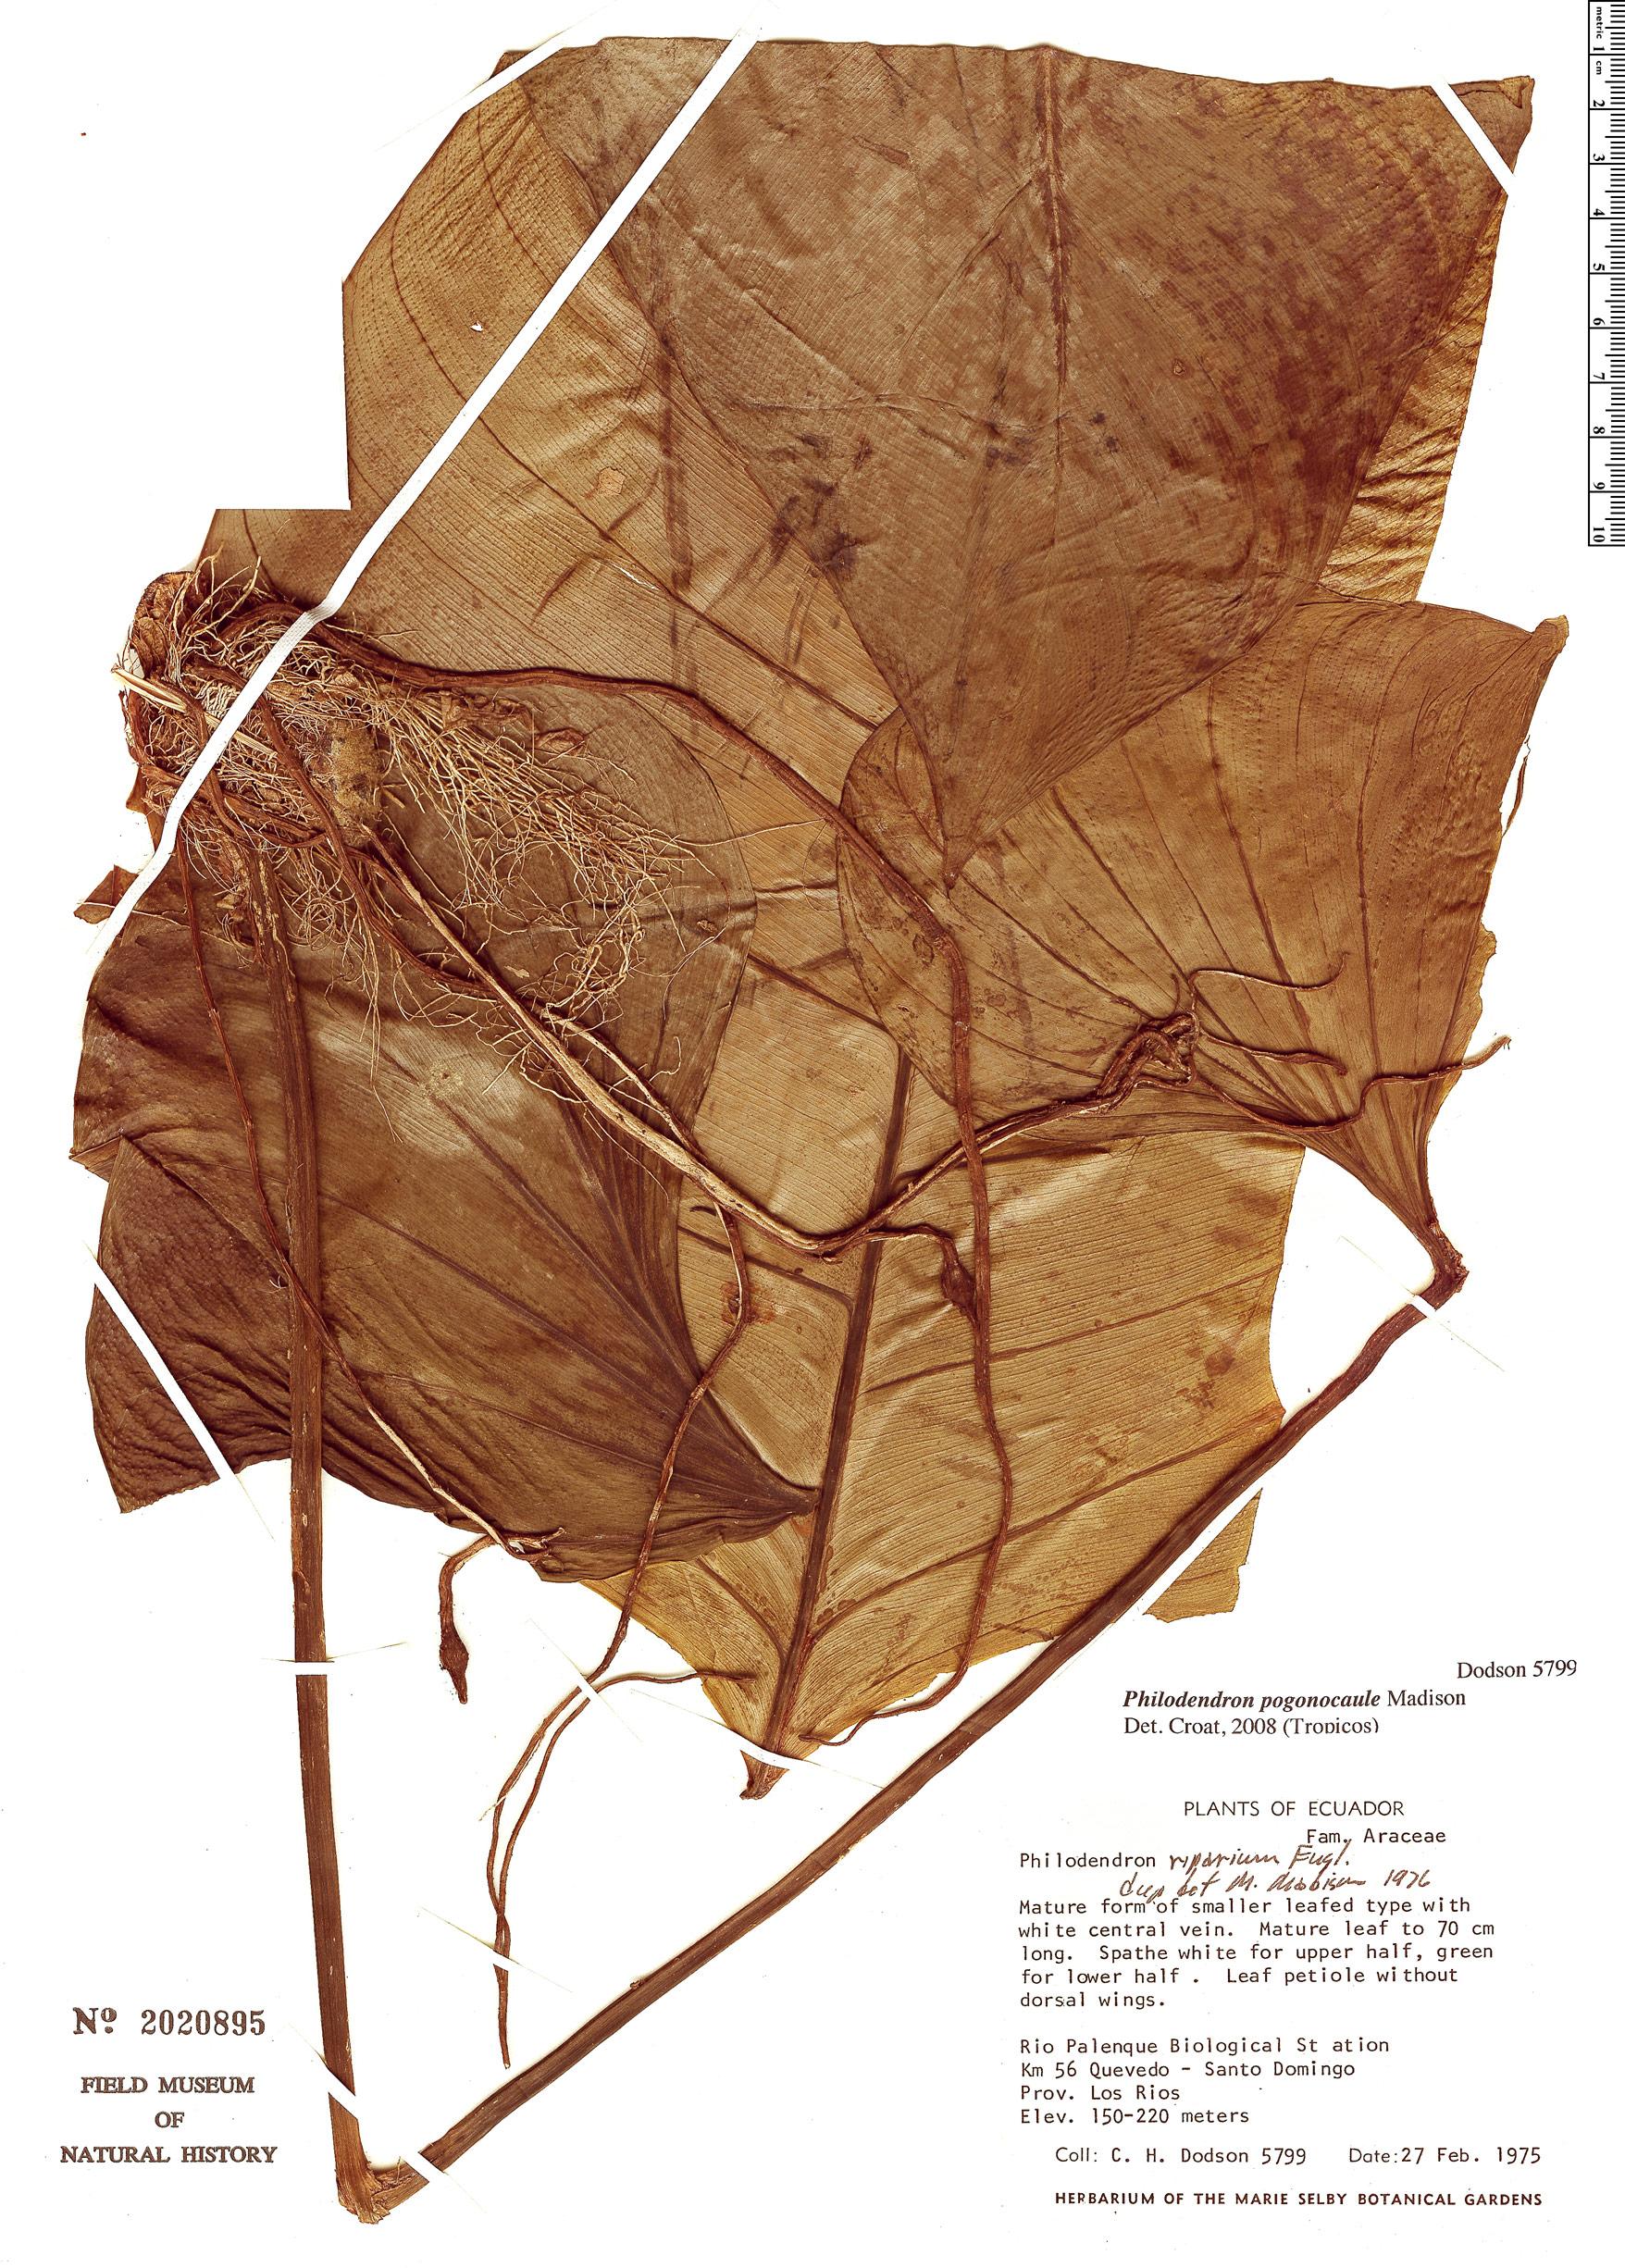 Specimen: Philodendron pogonocaule